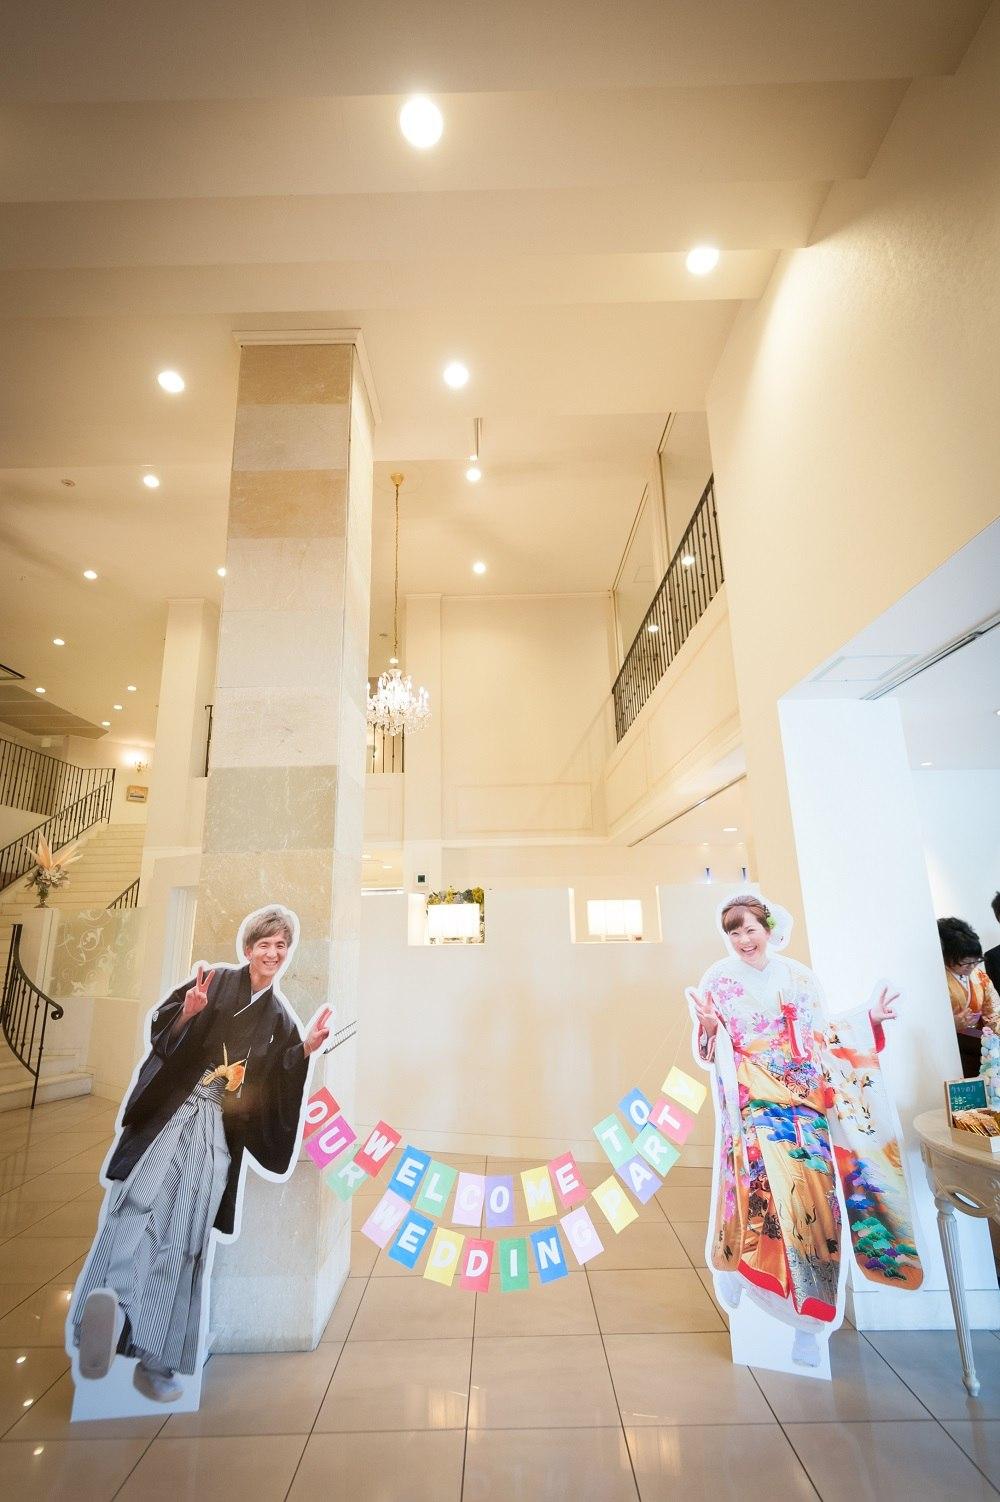 香川県の結婚式場シェルエメールでウエルカムスペースを新郎新婦のパネルで装飾